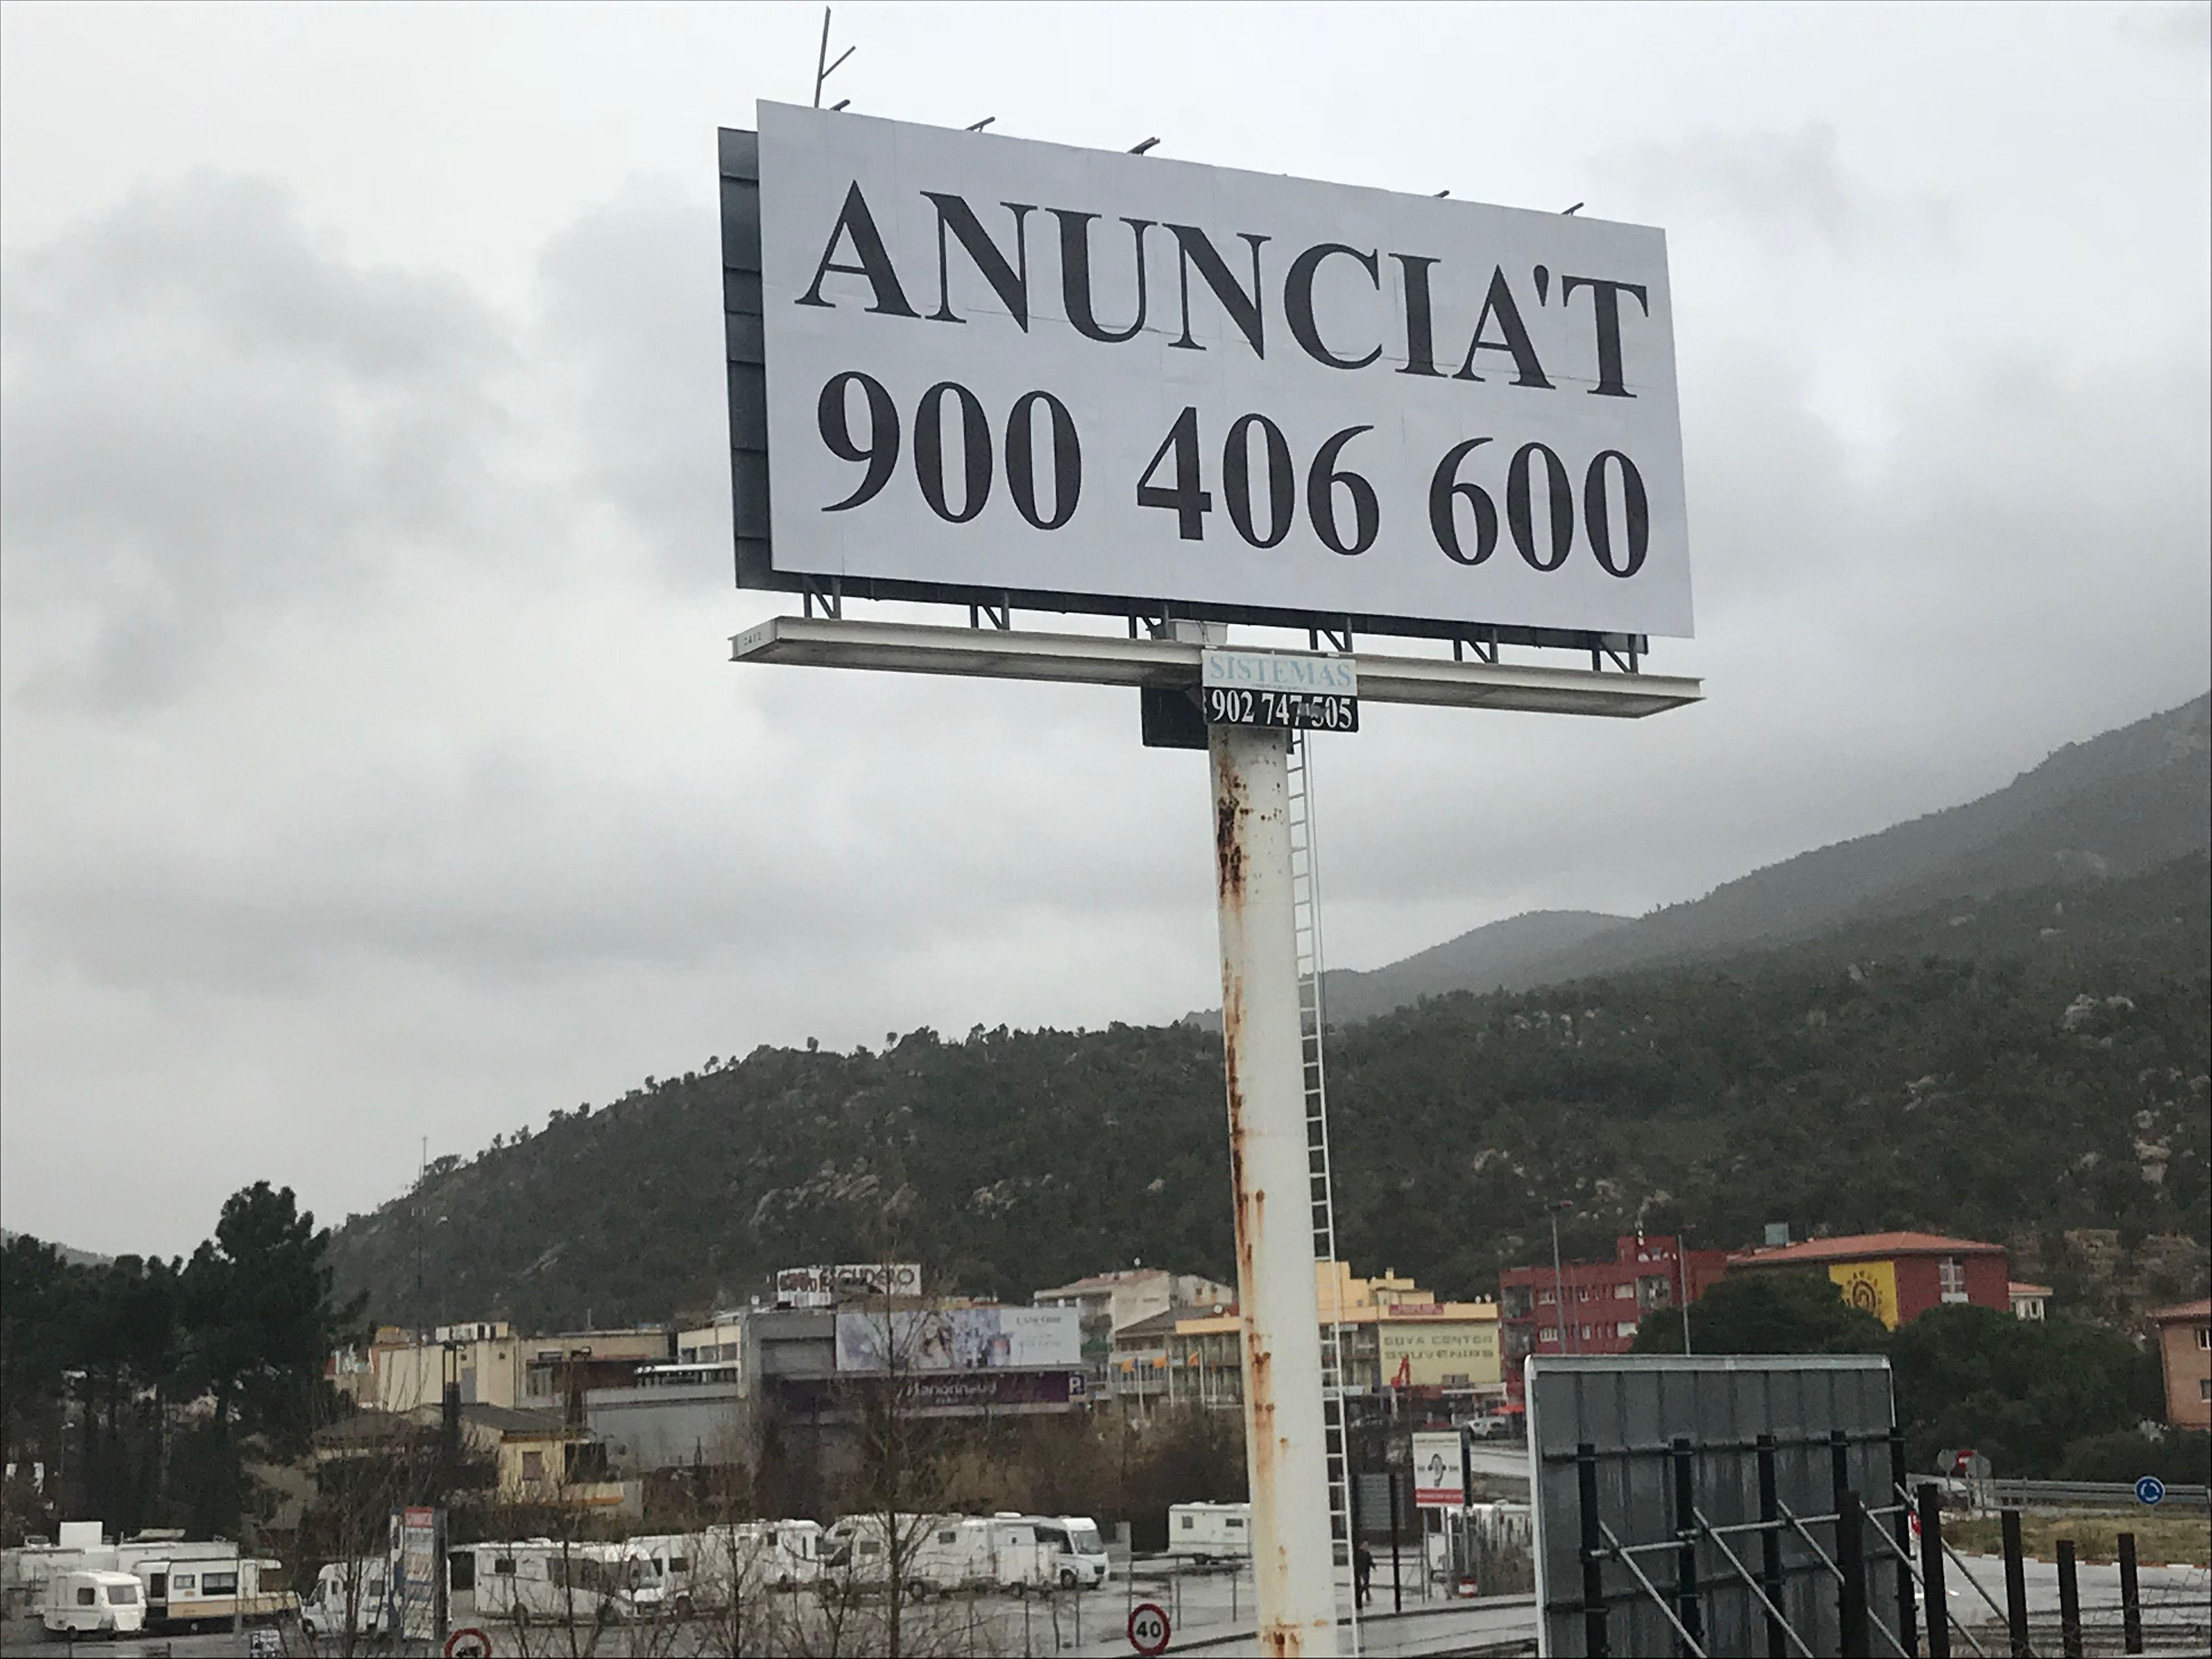 Instalación de soportes de publicidad en Cataluña